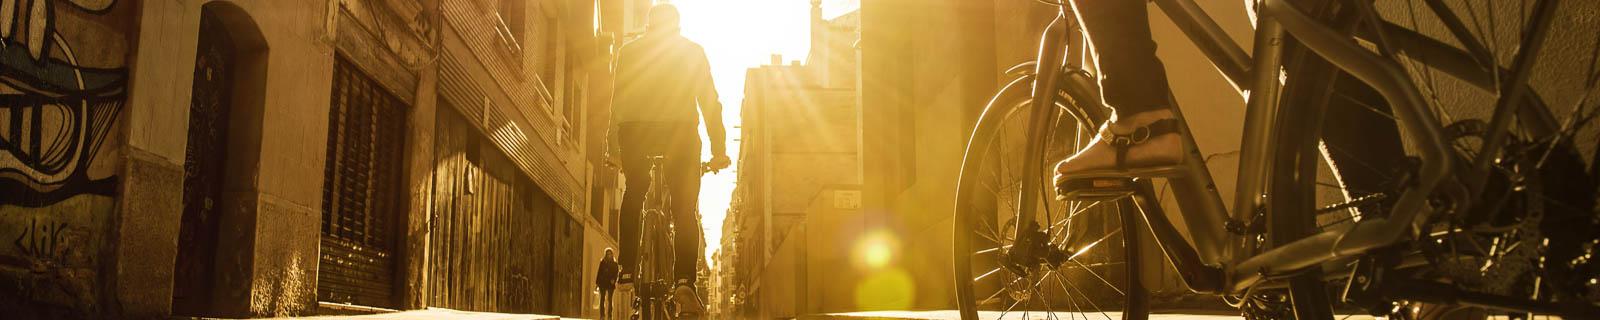 Le meilleur vélo pour la ville et les ballades